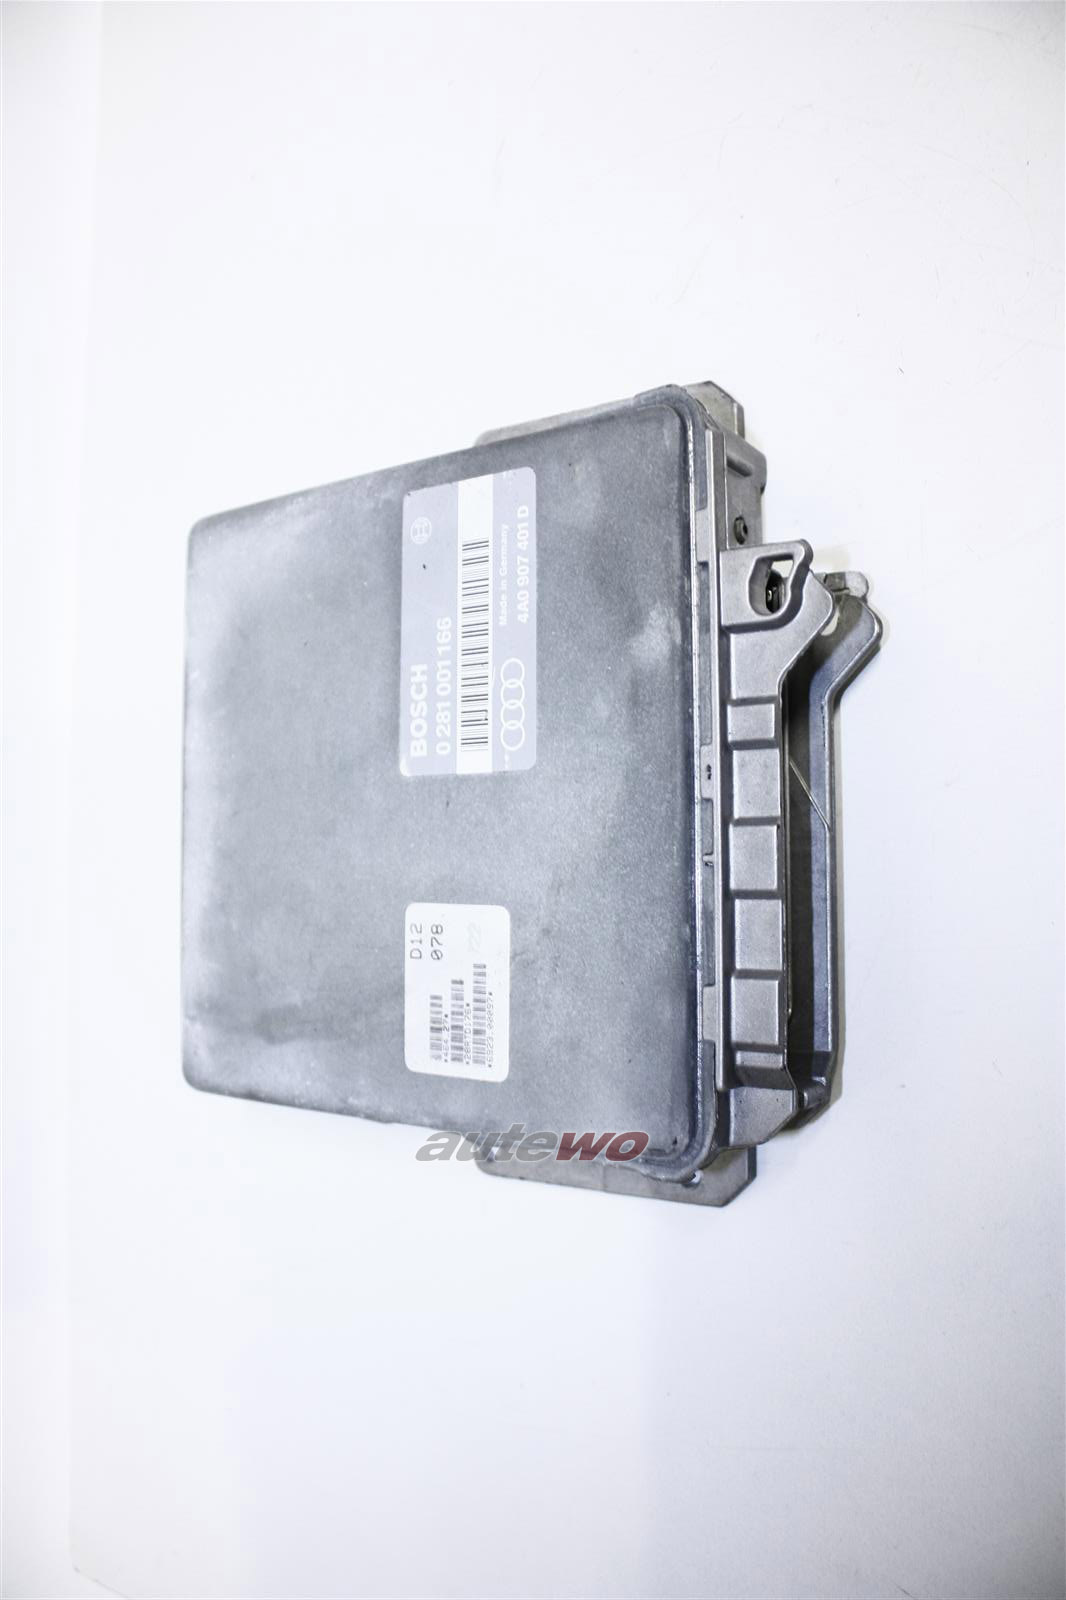 Audi 100 C4 2.5l TDI AAT Steuergerät Motor 4A0907401D